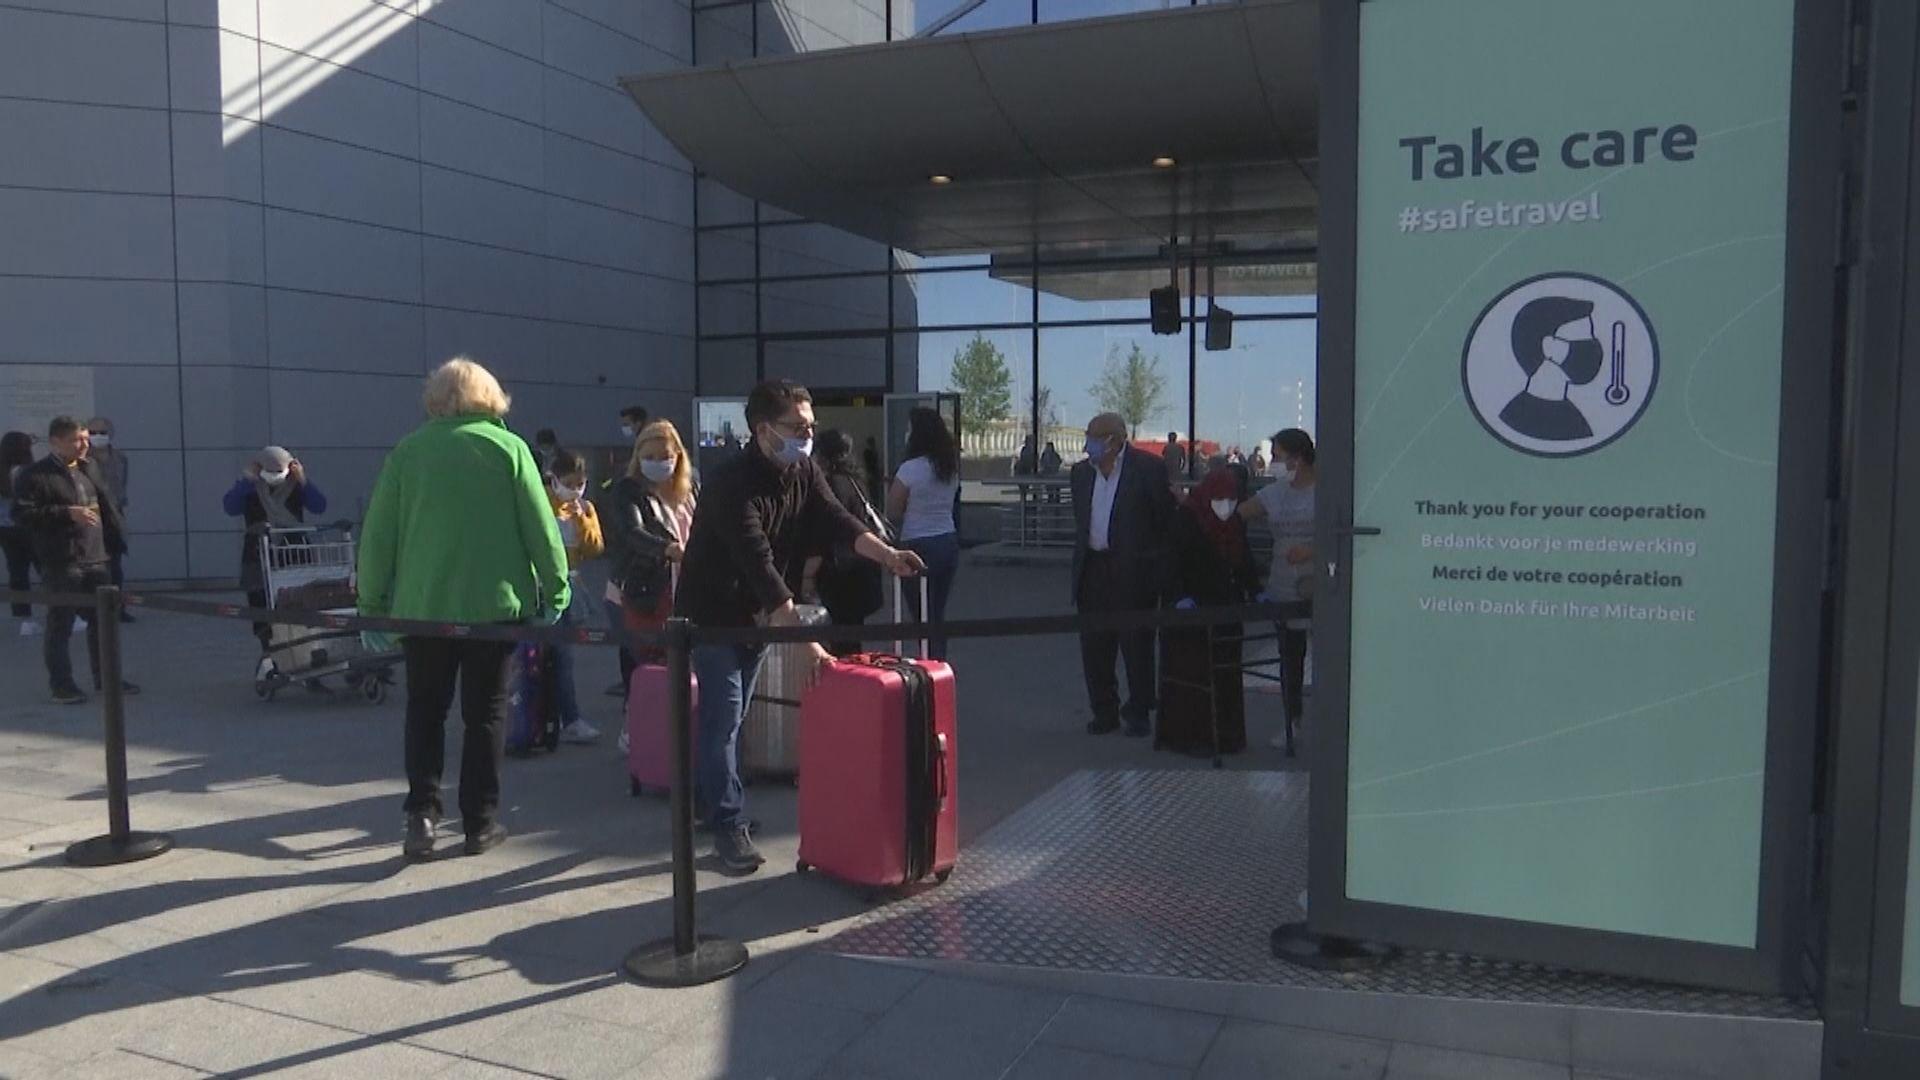 英國及挪威要求由西班牙入境旅客隔離14天